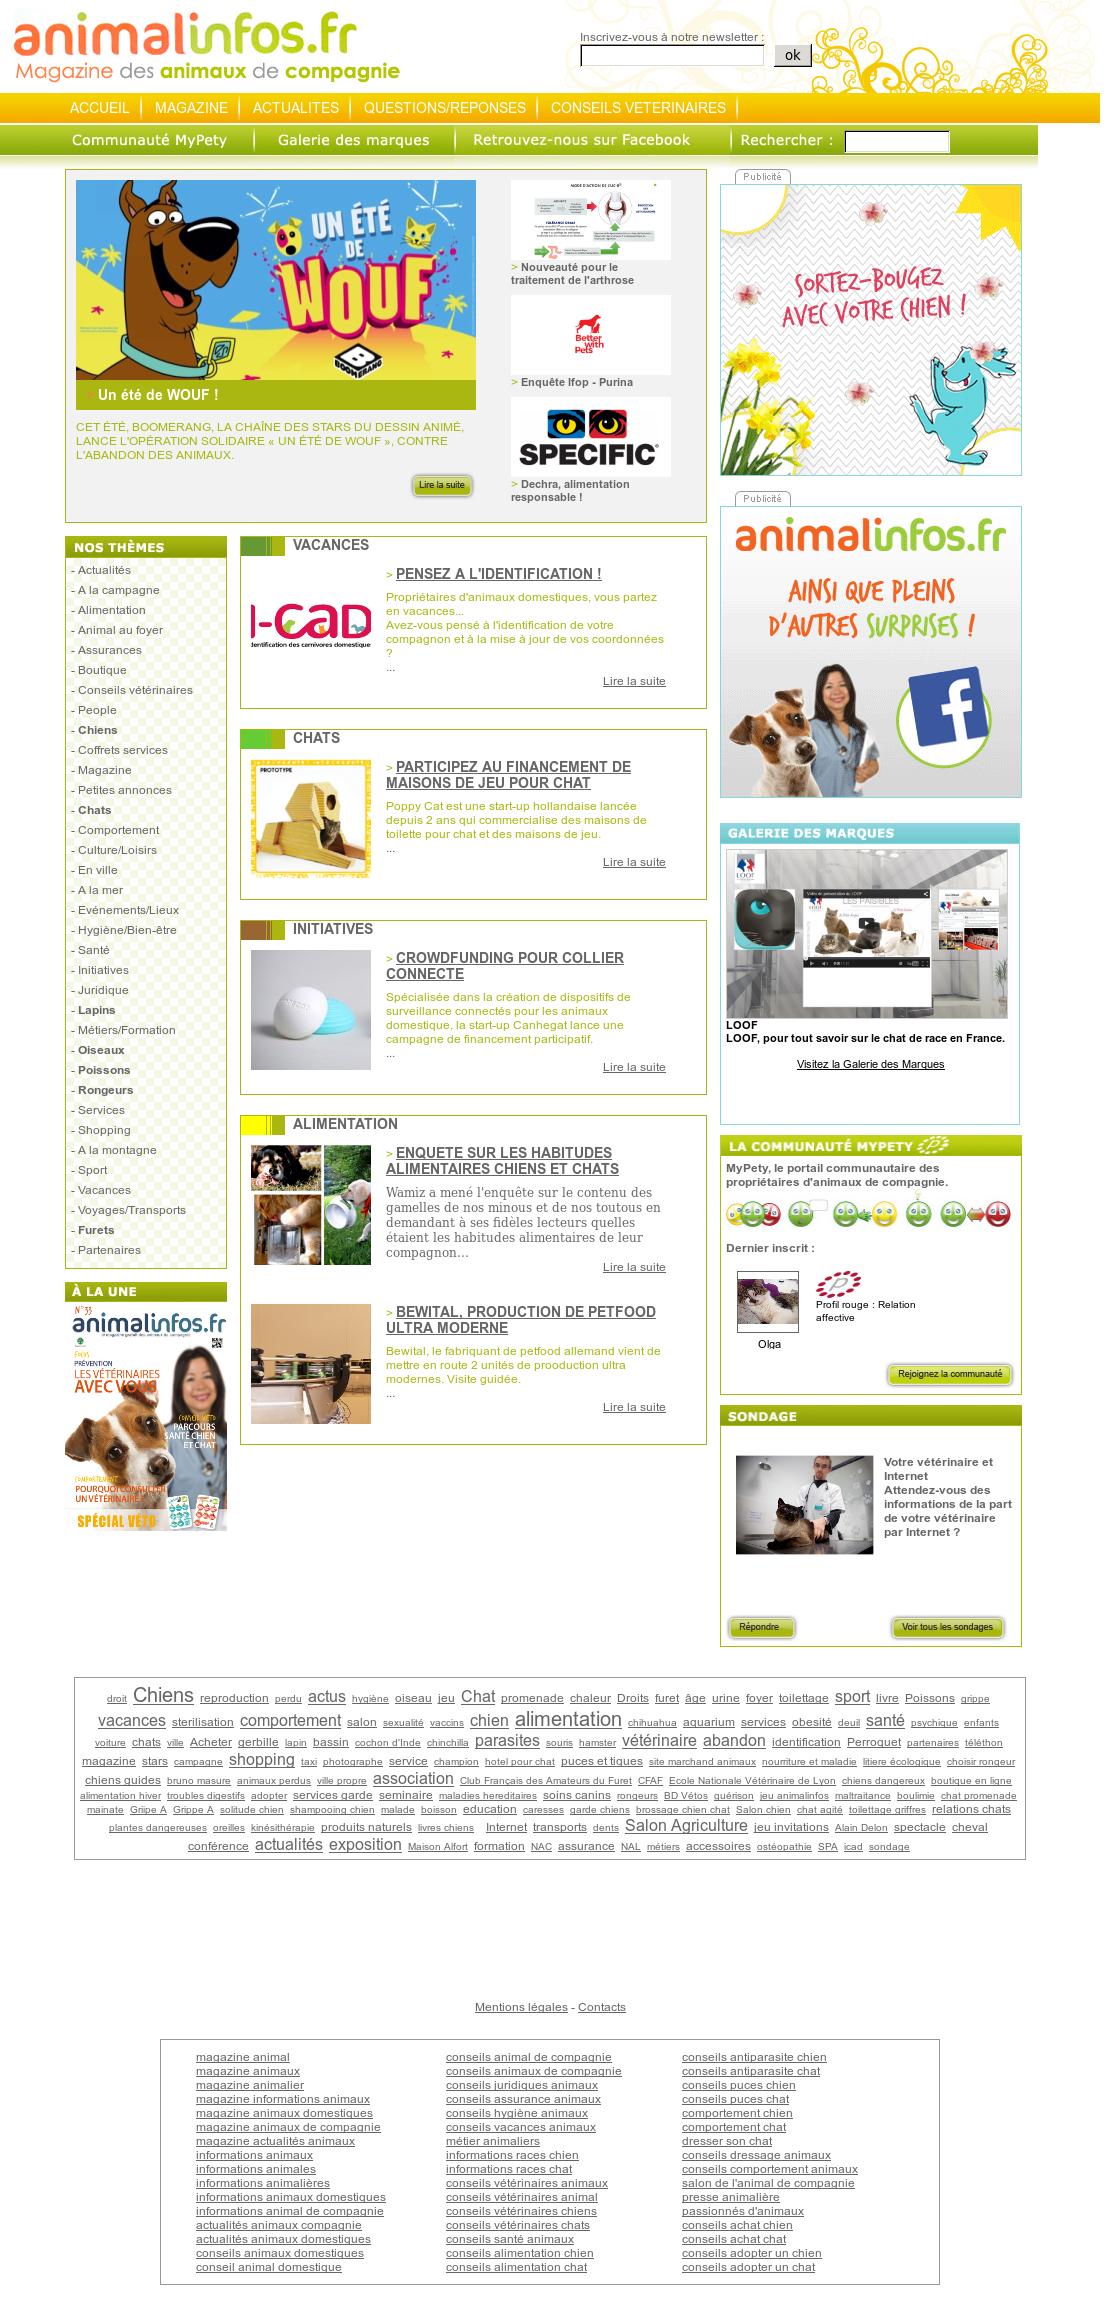 2a836beb2b9 Animalinfos.fr